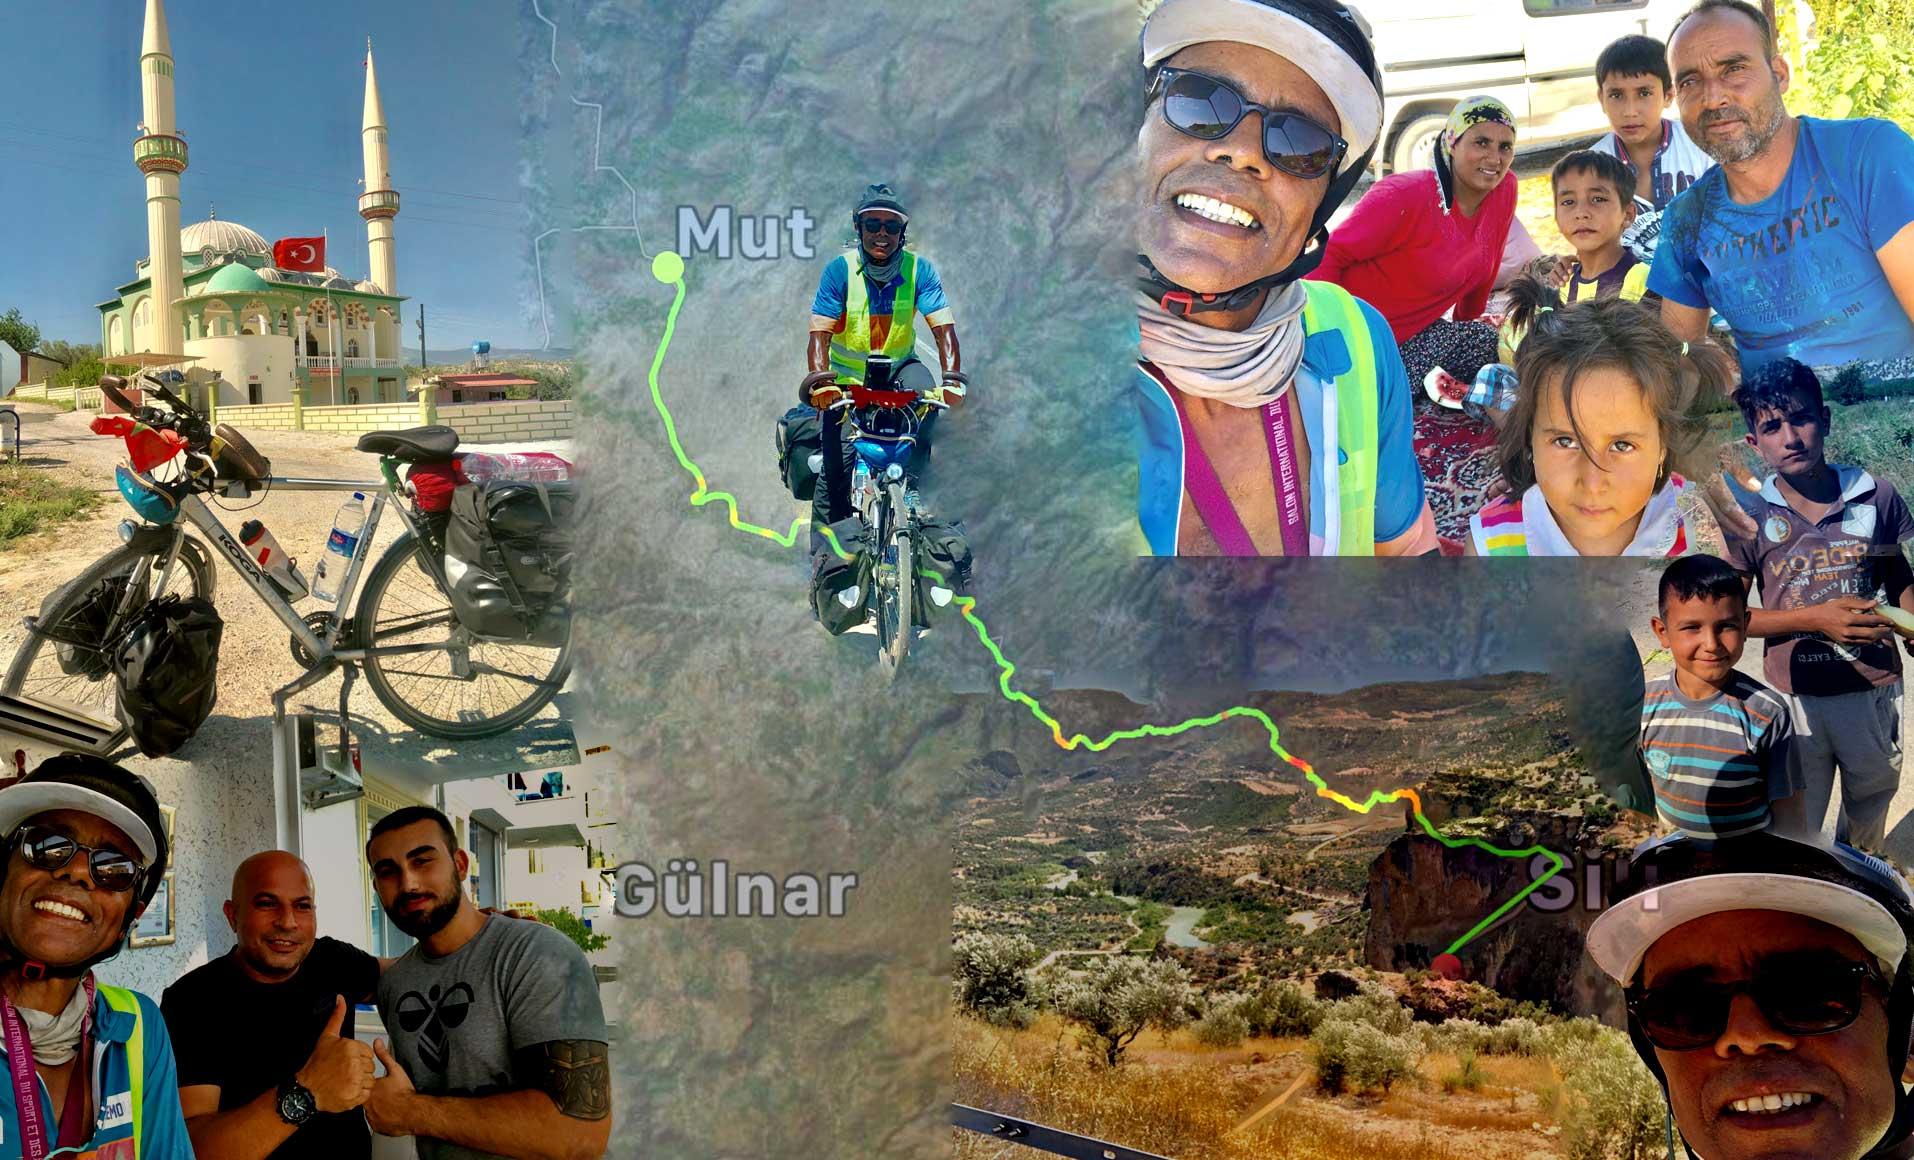 Jour 79 Turquie : De Casa à la Mecque à vélo Karim MOSTA